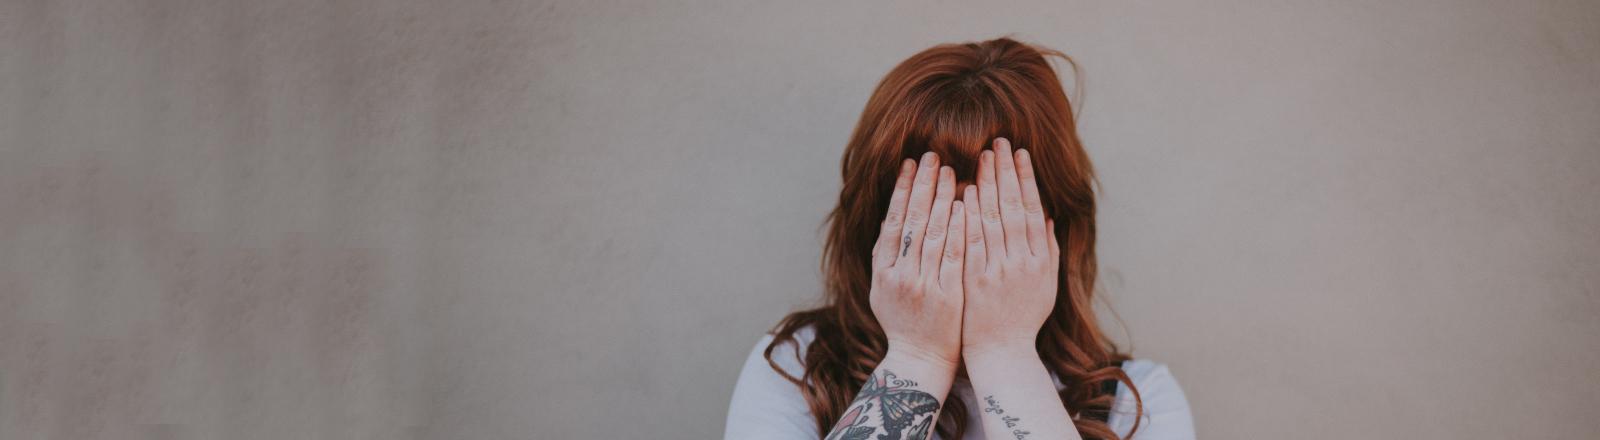 Eine Frau hält sich die Hände vors Gesicht